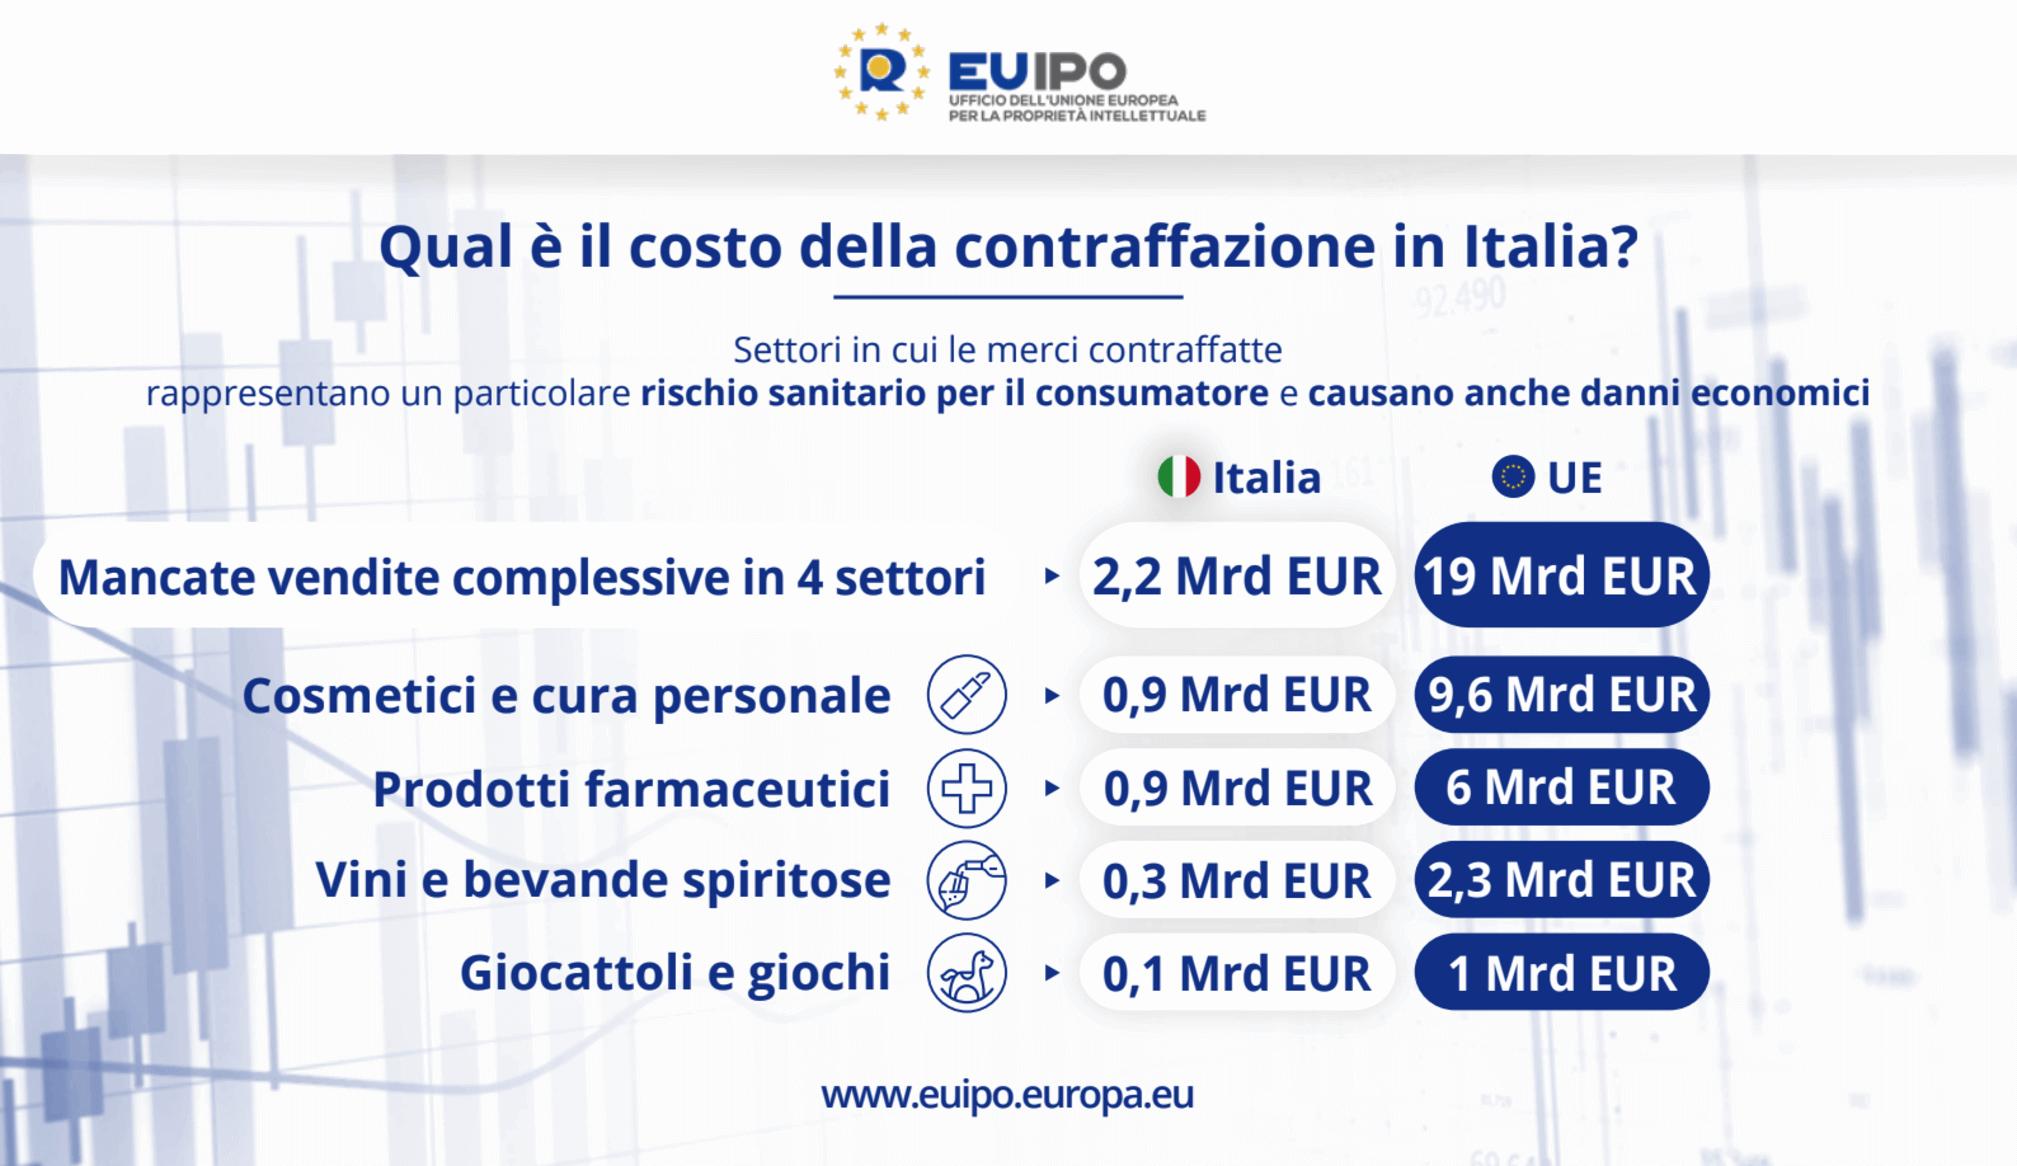 contraffazione-italia-euipo